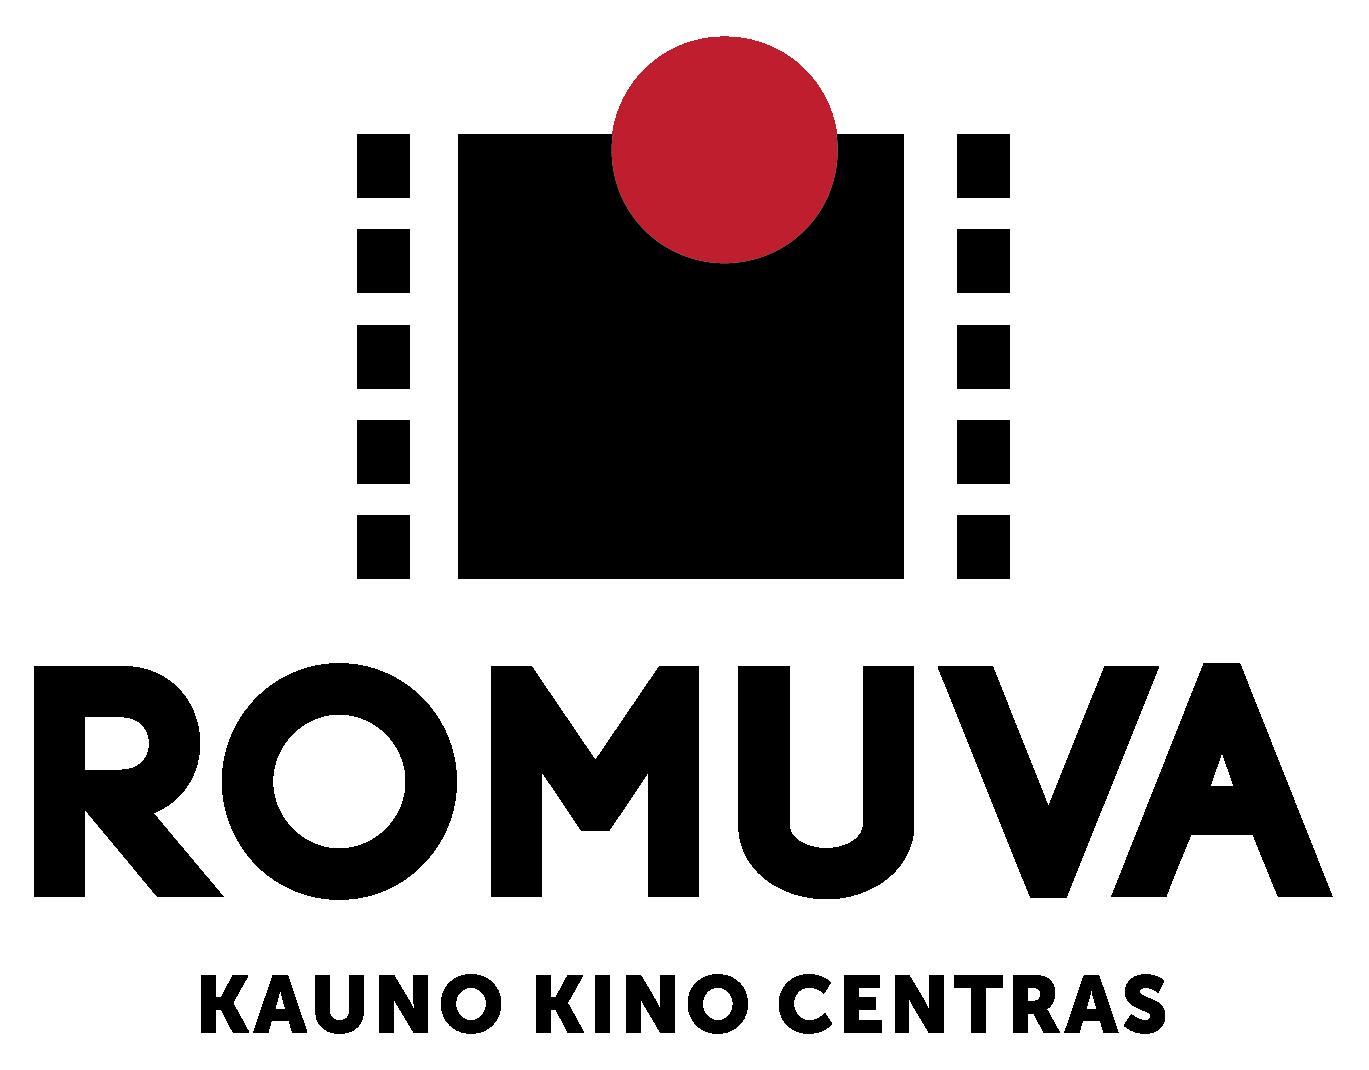 Romuva